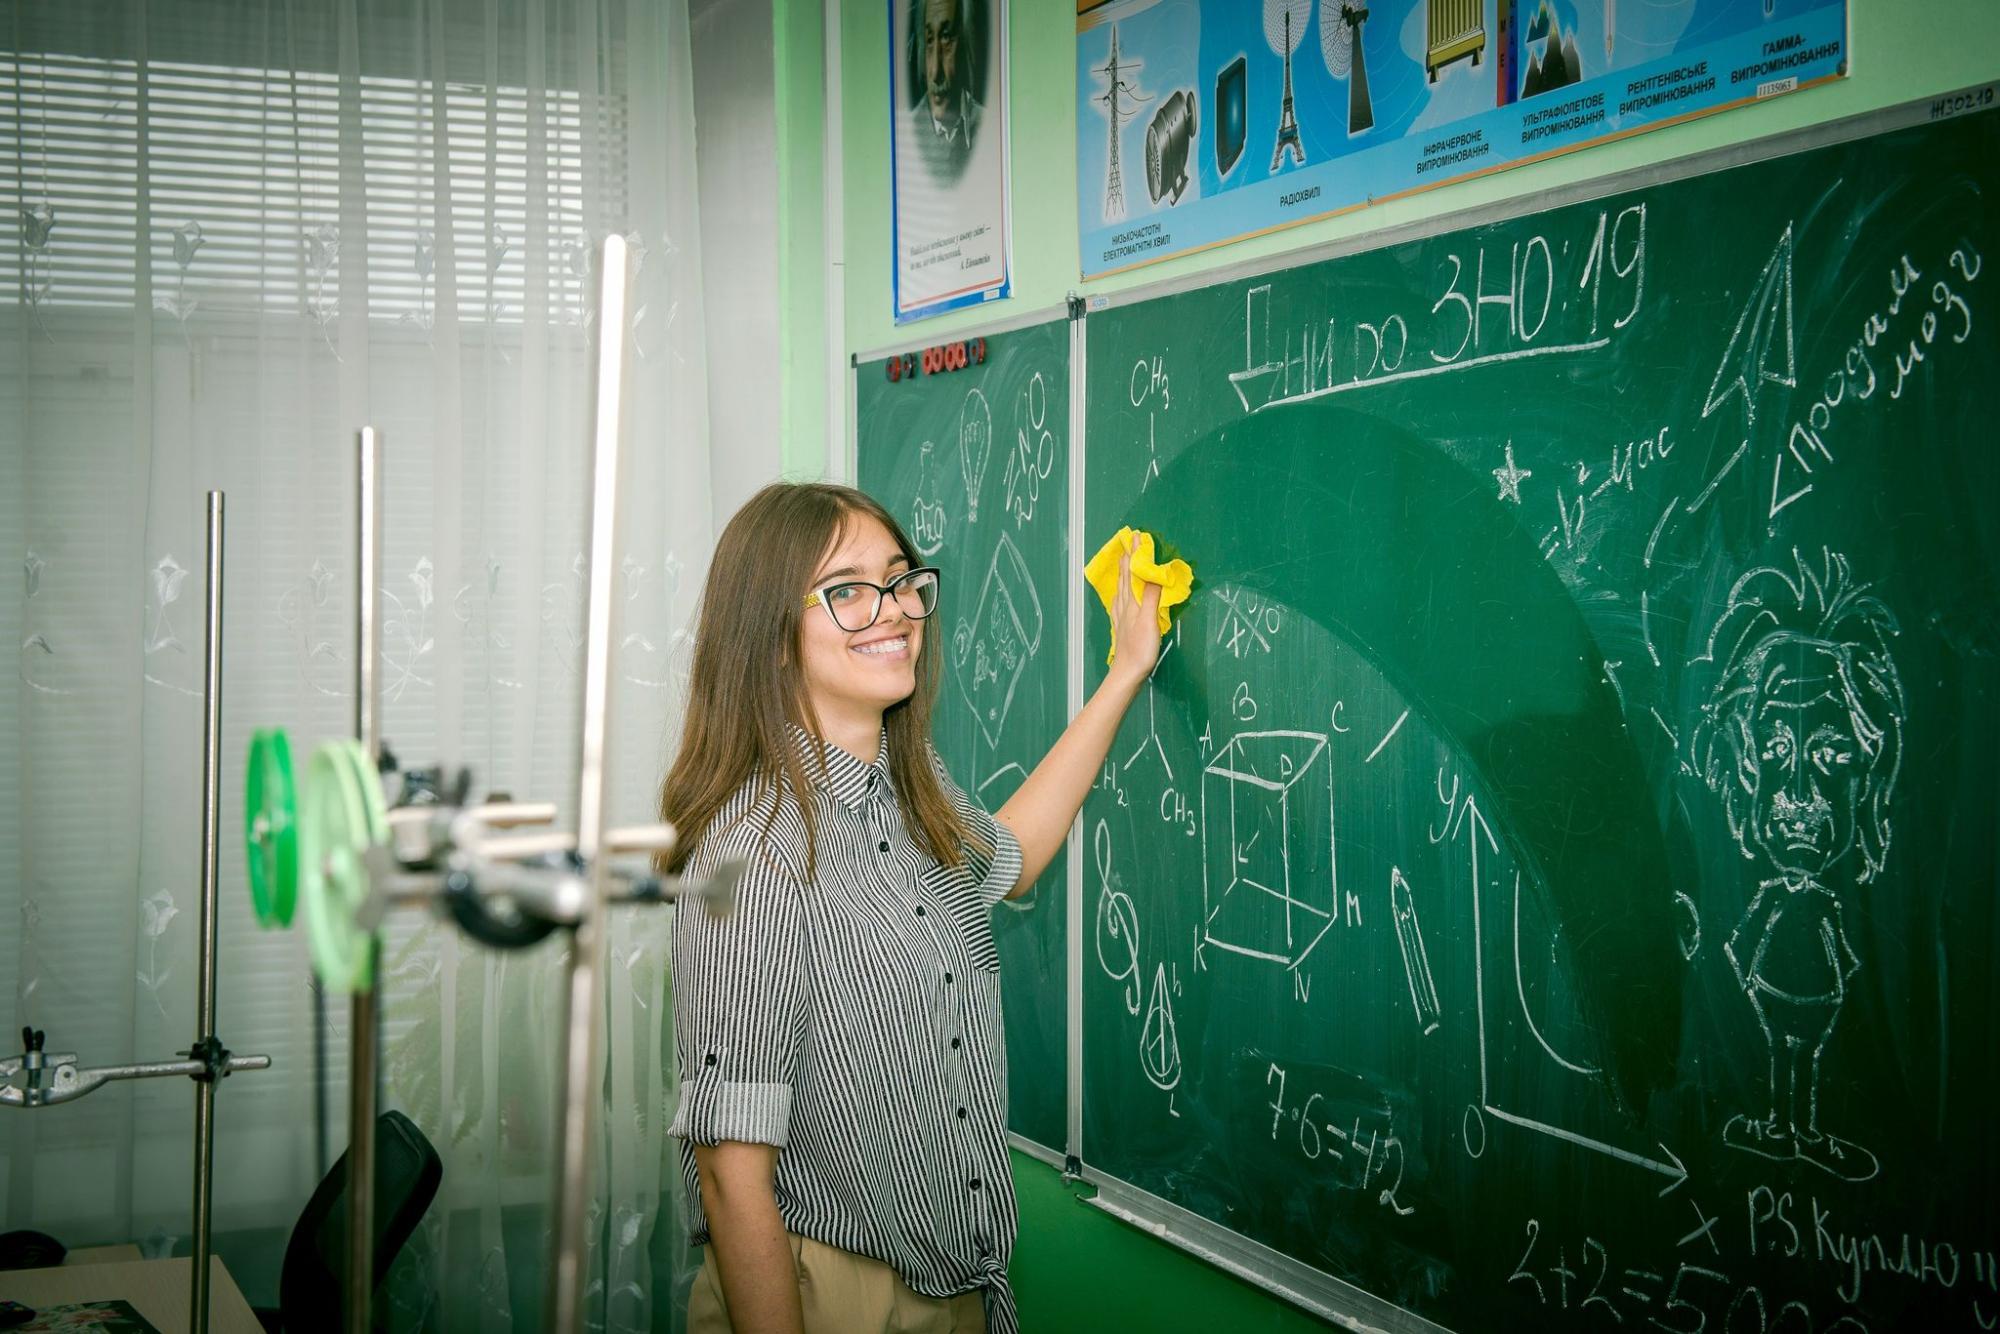 Безкоштовне навчання та обіди по 2 євро. У скільки обходиться студентське життя українців у Словаччині